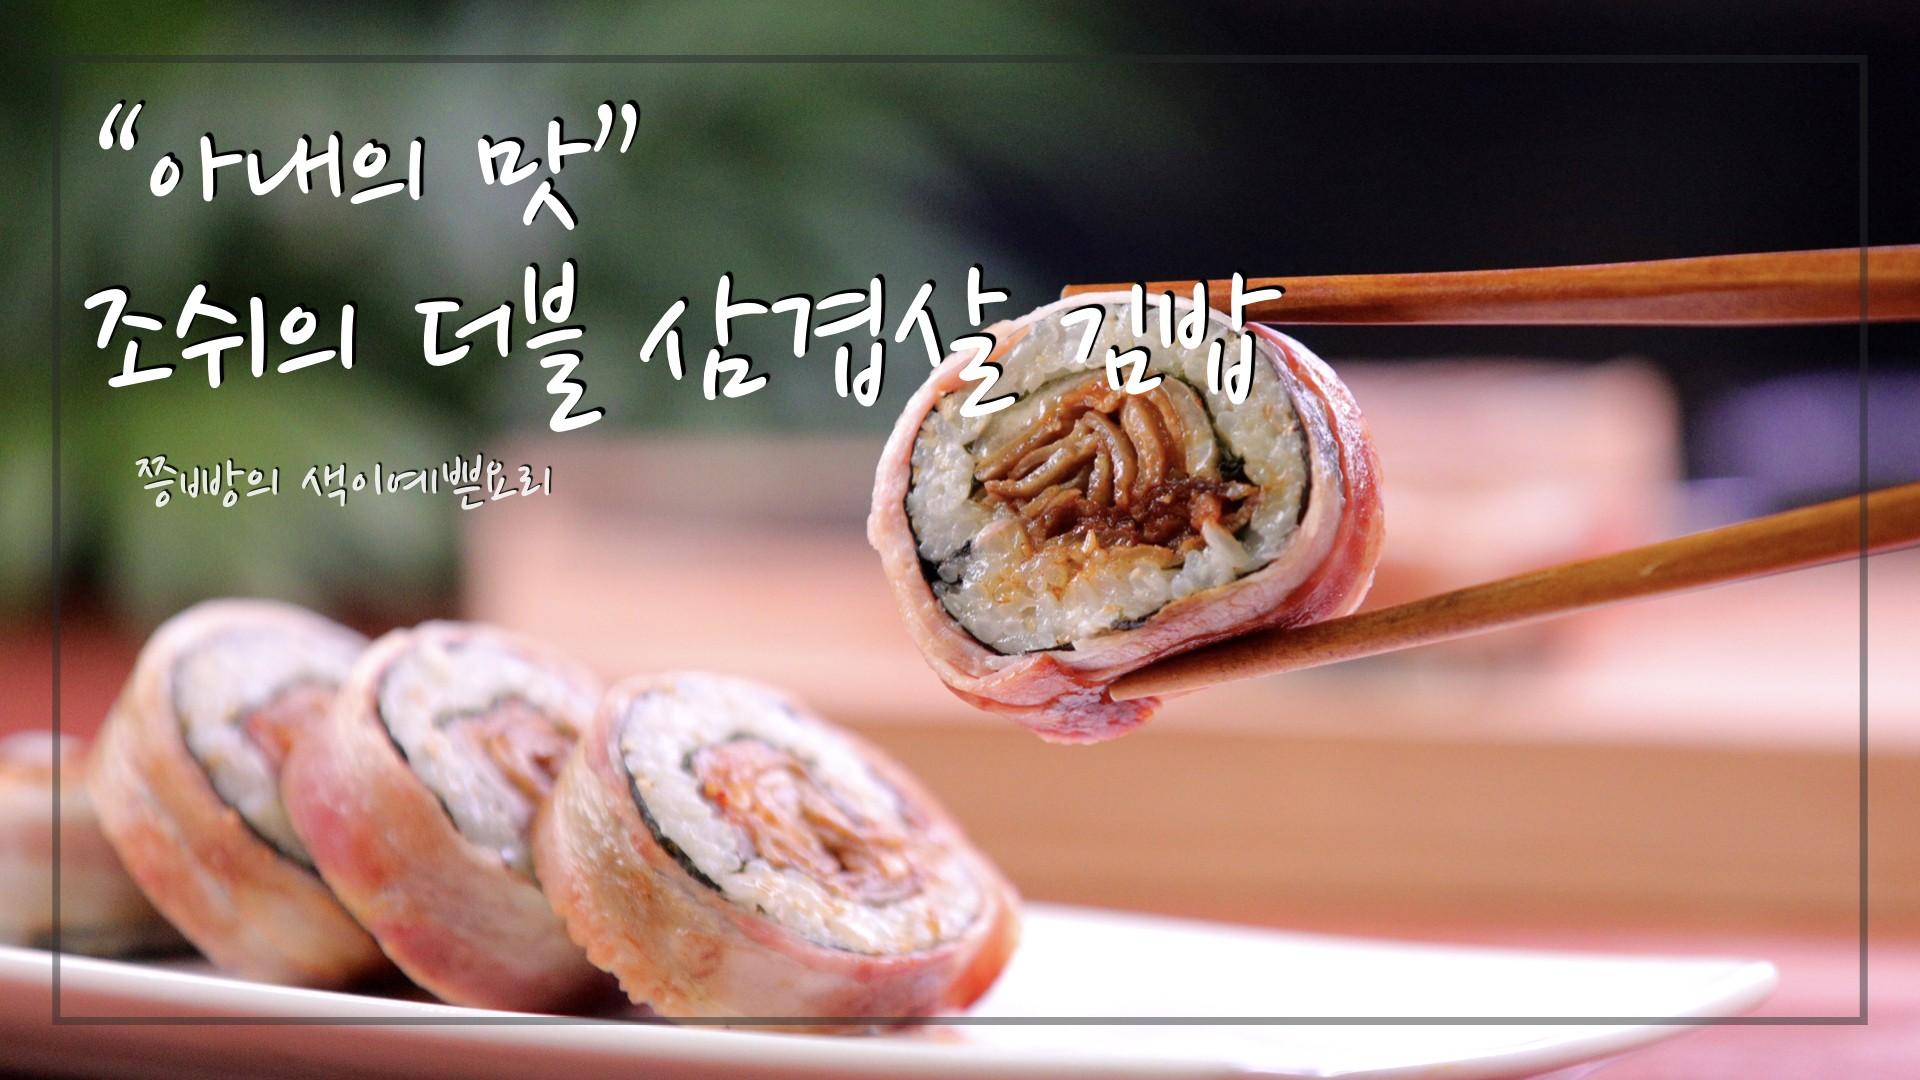 아내의 맛 조쉬가 만든 더블 삼겹살 김밥 만드는 법, 삼겹살과 베이컨으로 만든 조쉬표 삼겹살 김밥